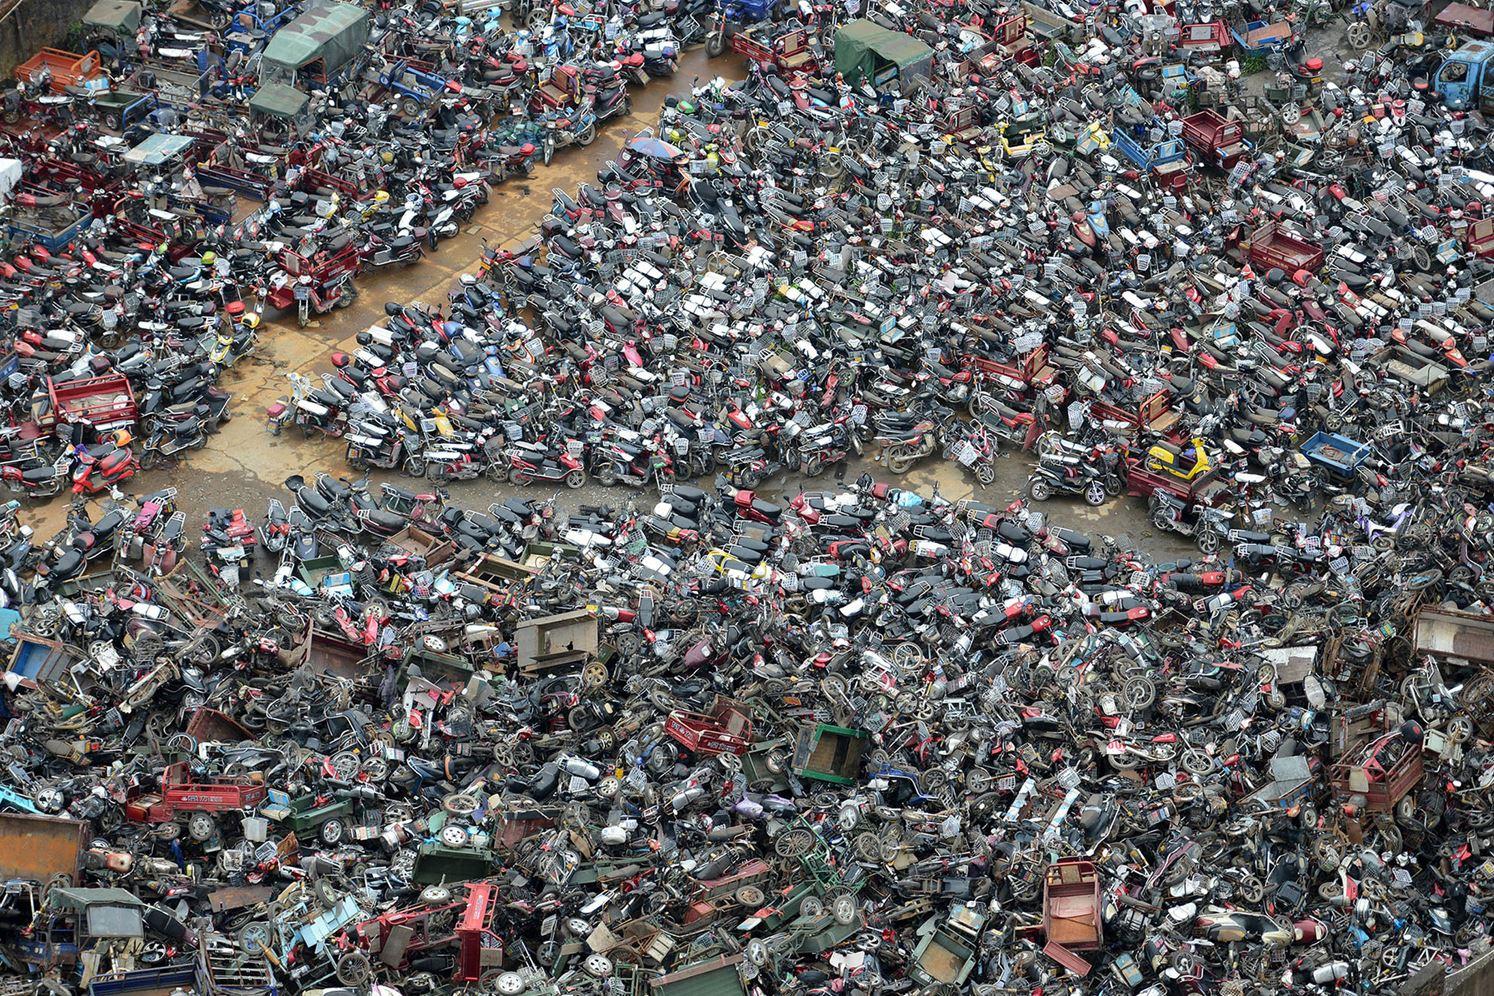 Свалка брошенных мотоциклов в г. о. Чэньчжоу, пр. Хунань.